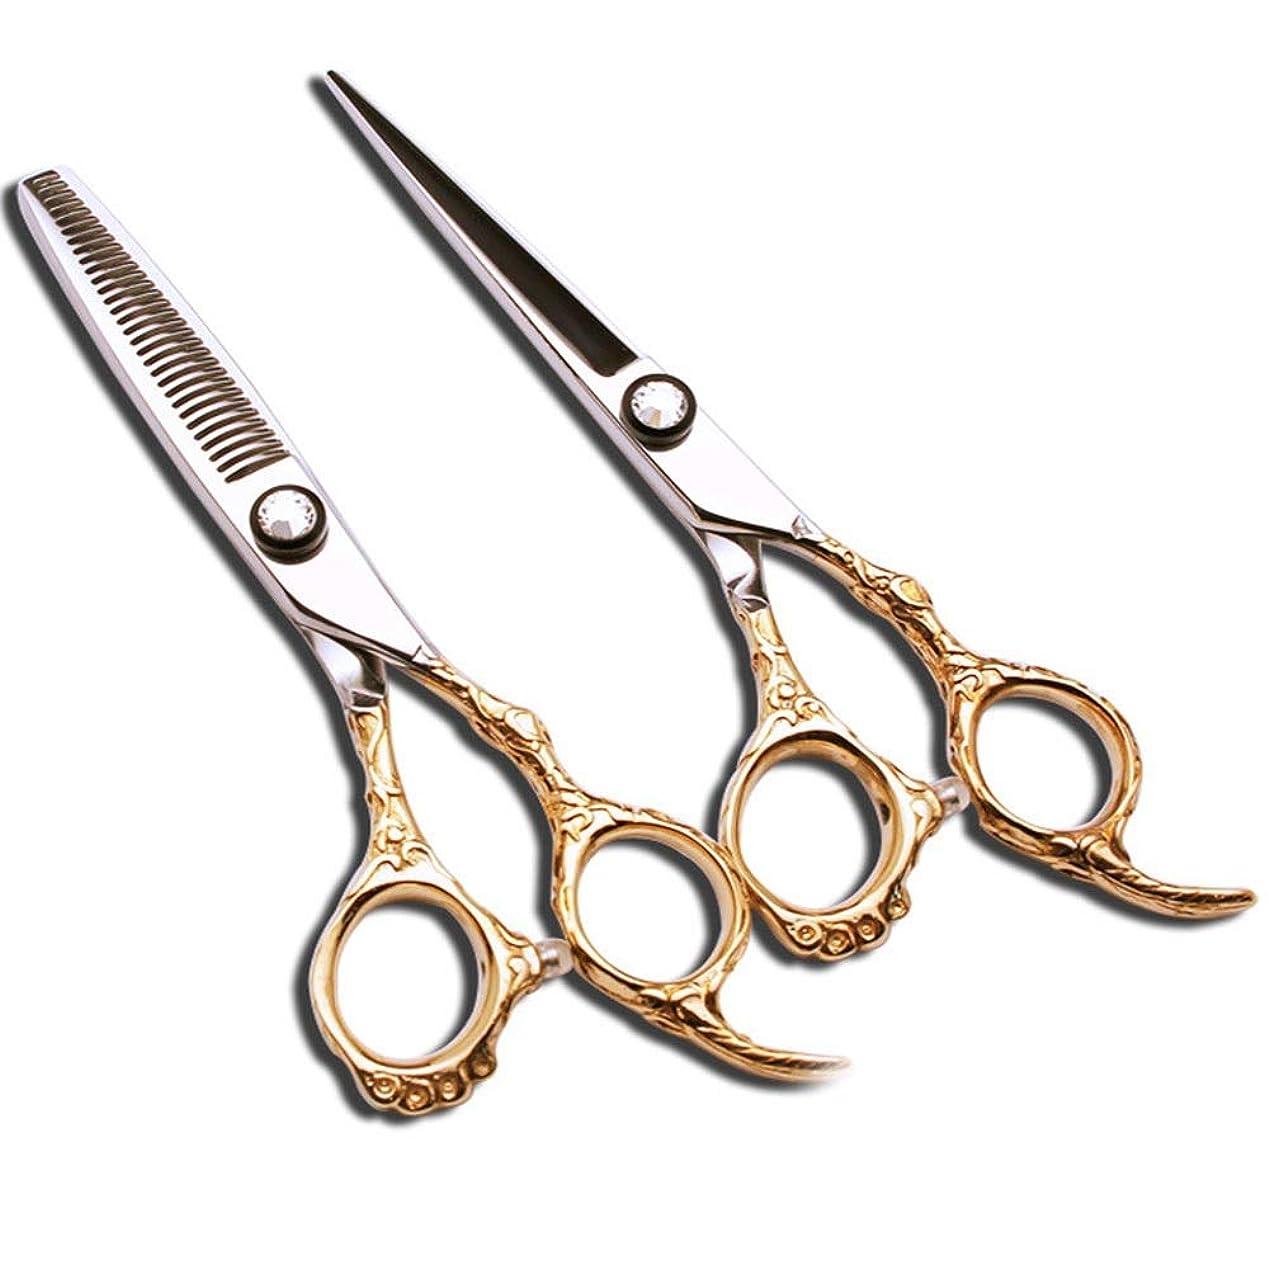 一緒に自分仮定、想定。推測理髪用はさみ 6インチ美容院プロの理髪セット、理髪マーシュはさみ、プロの440C金メッキはさみヘアカットはさみステンレス理髪はさみ (色 : ゴールド)